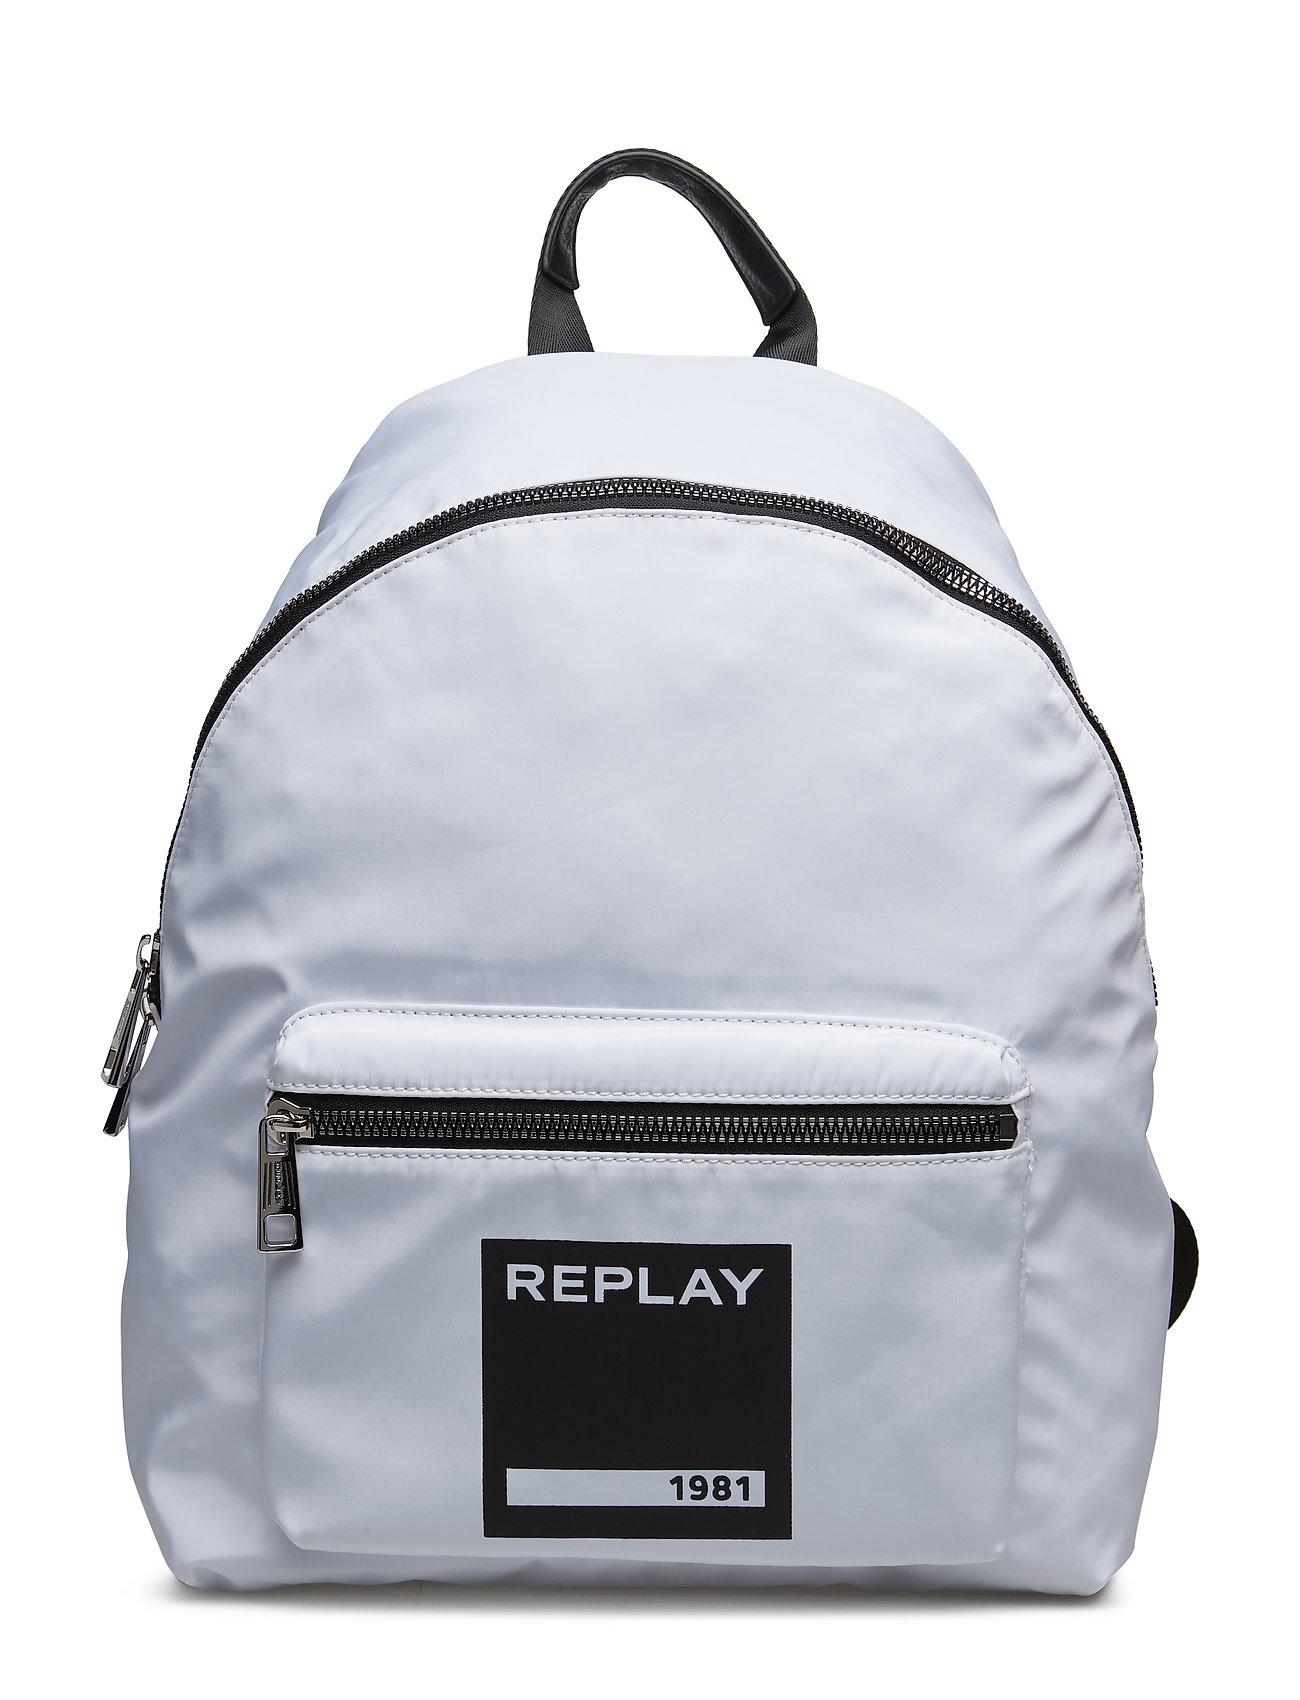 Replay Bag